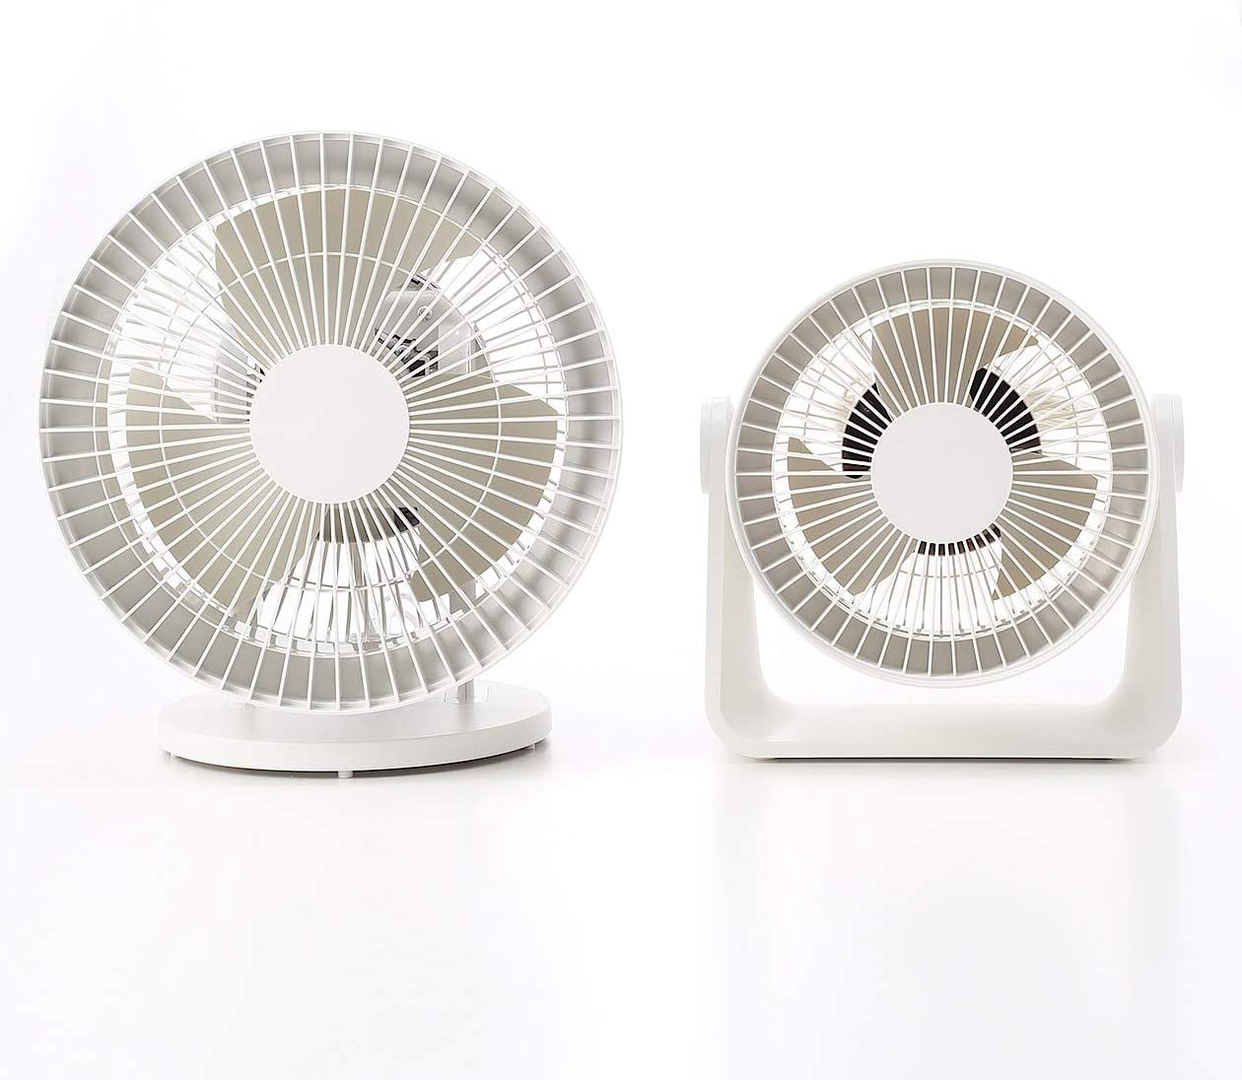 無印良品(MUJI) サーキュレーター(低騒音ファン・大風量タイプ) AT-CF26R-Wの商品画像13